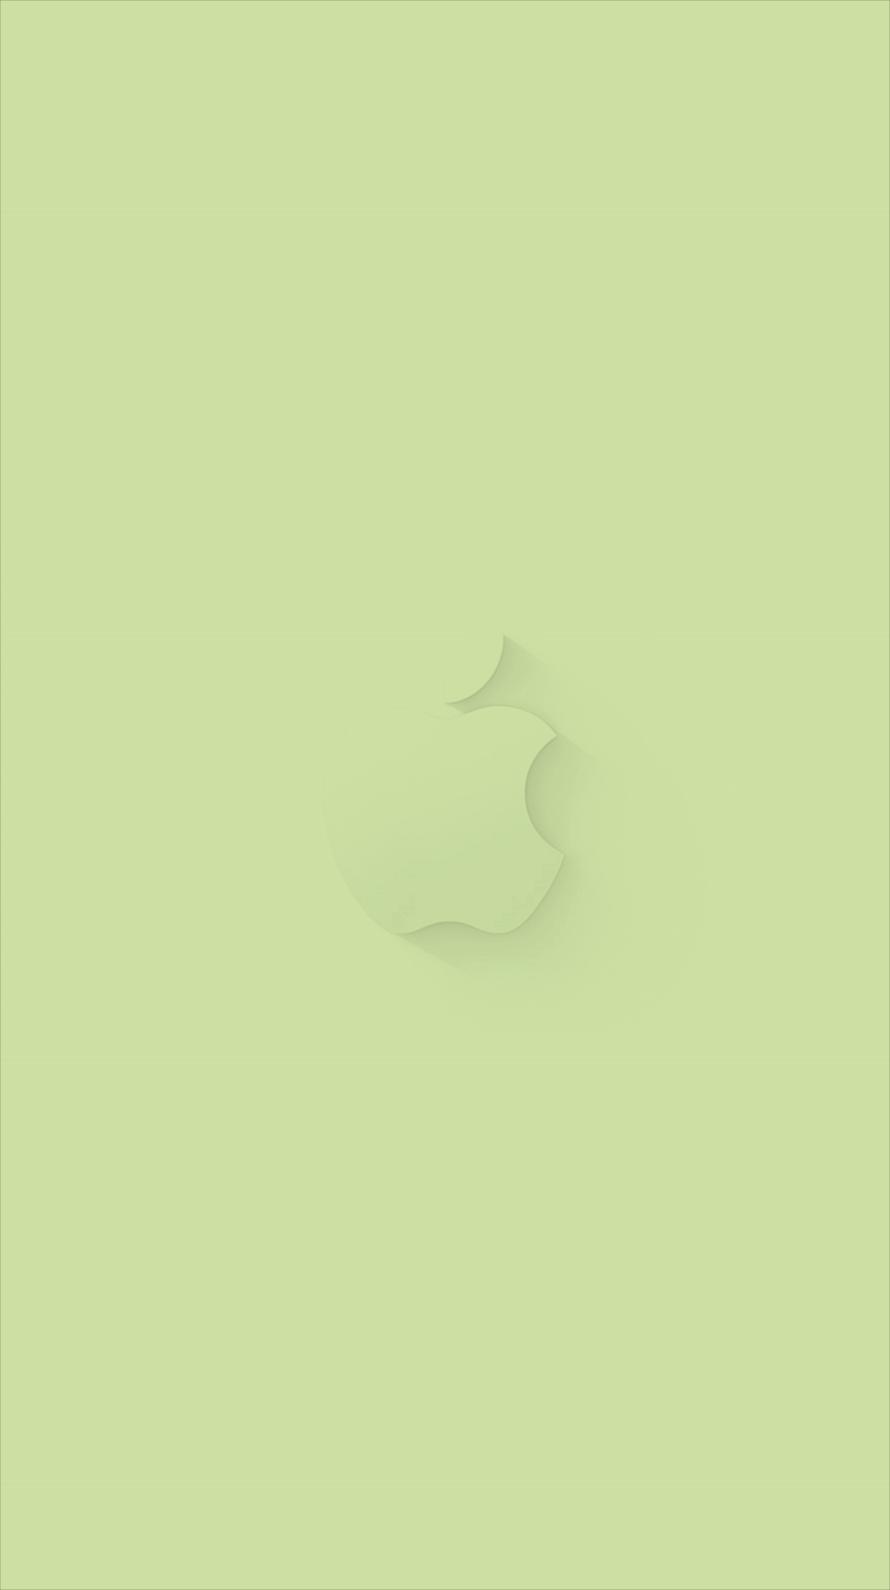 ミントグリーン アップルロゴ Iphone6壁紙 Wallpaperbox